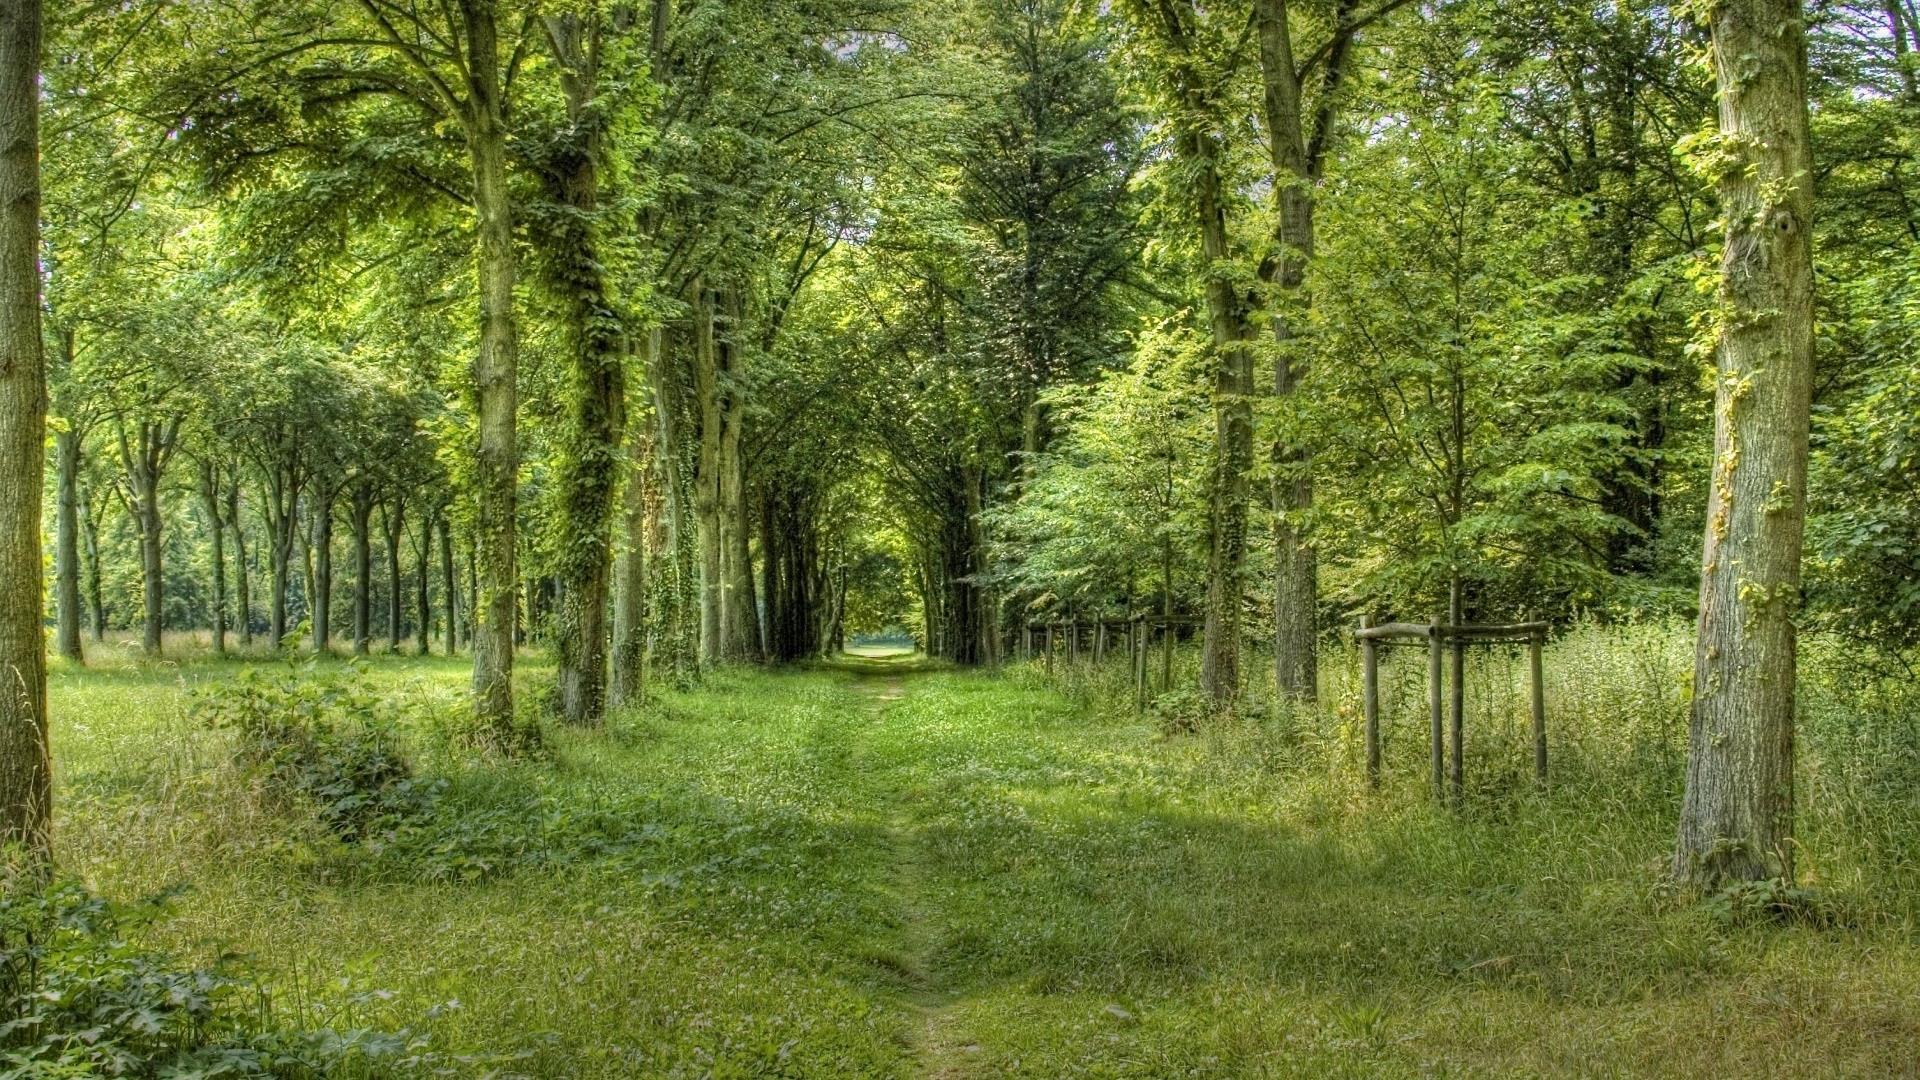 fond-ecran-widescreen-arbres-foret-3